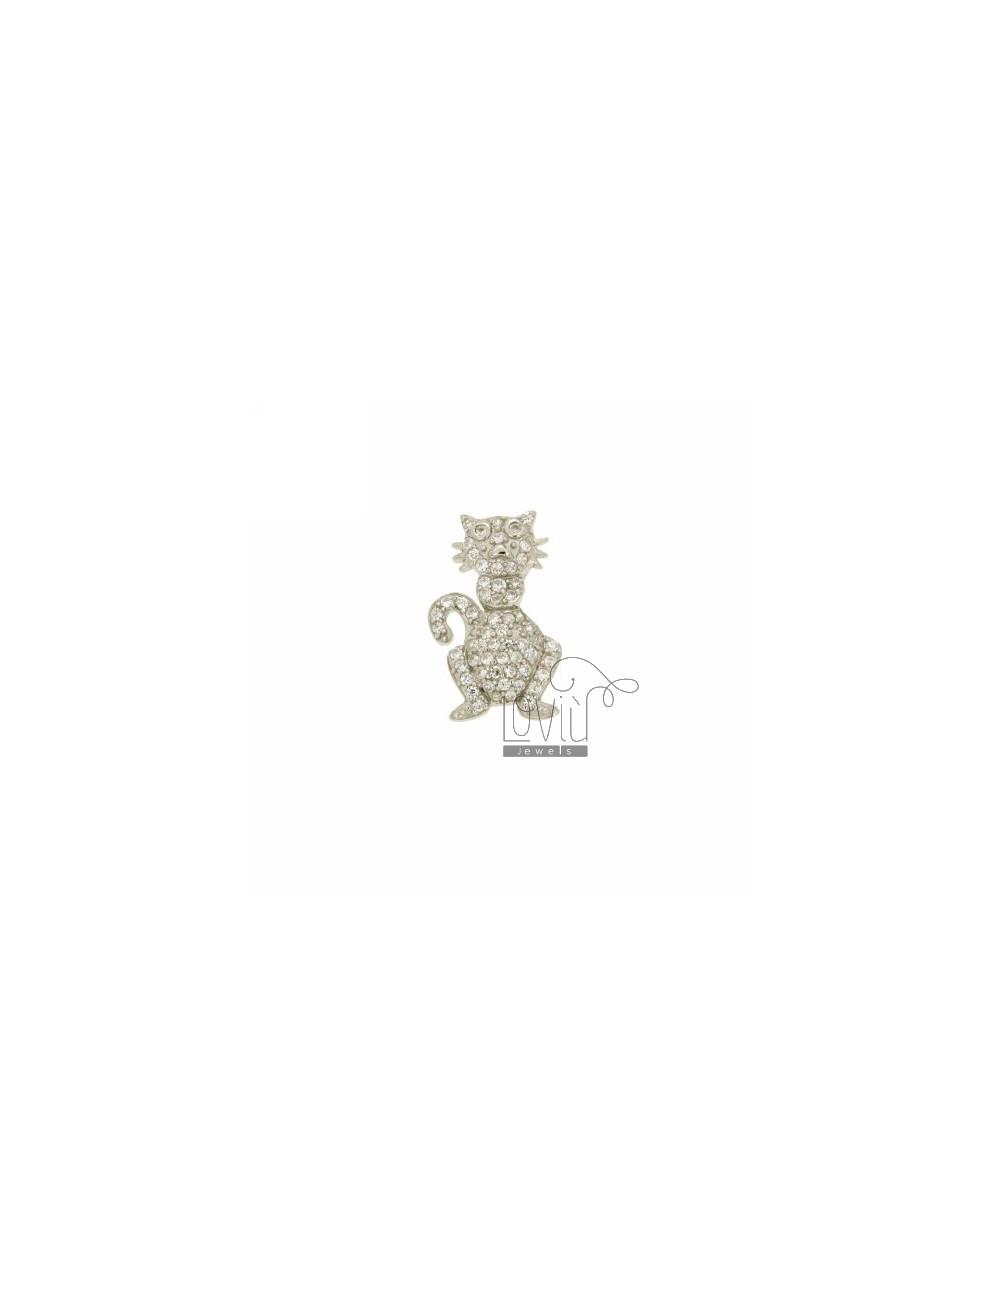 CIONDOLO GATTINO PASSANTE MM 21X13 IN AG TIT 925‰ E ZIRCONI